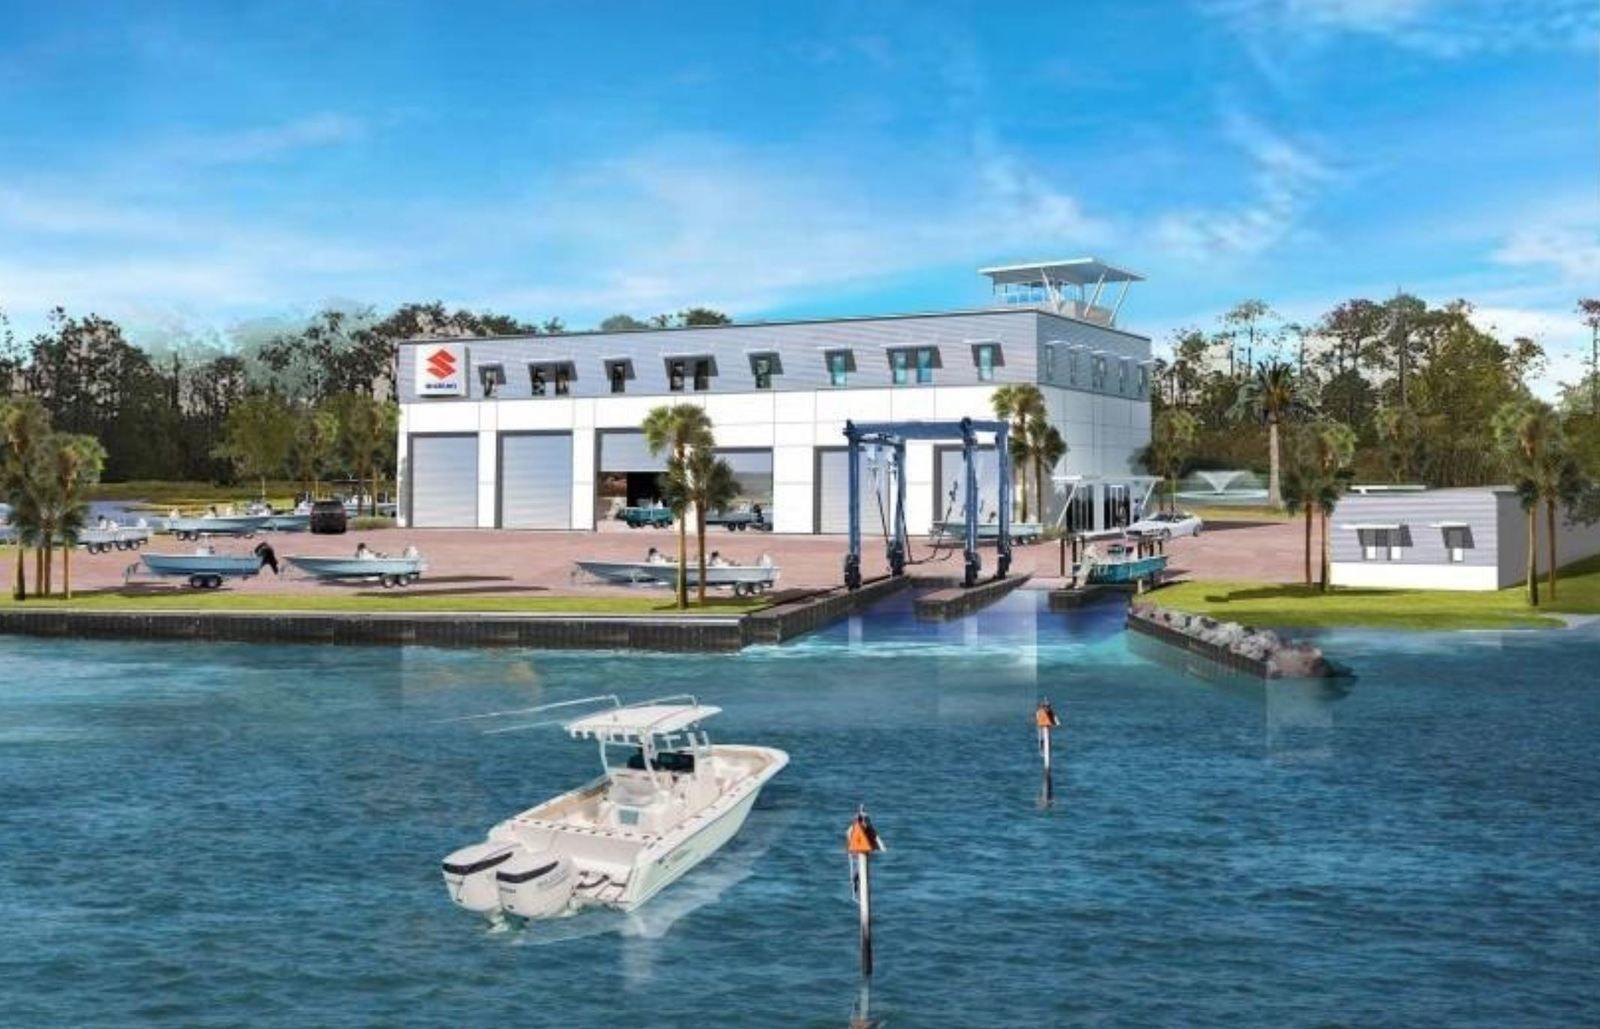 Suzuki Marine ouvre un centre de developpement de moteurs hors-bord aux Etats-Unis, en Floride